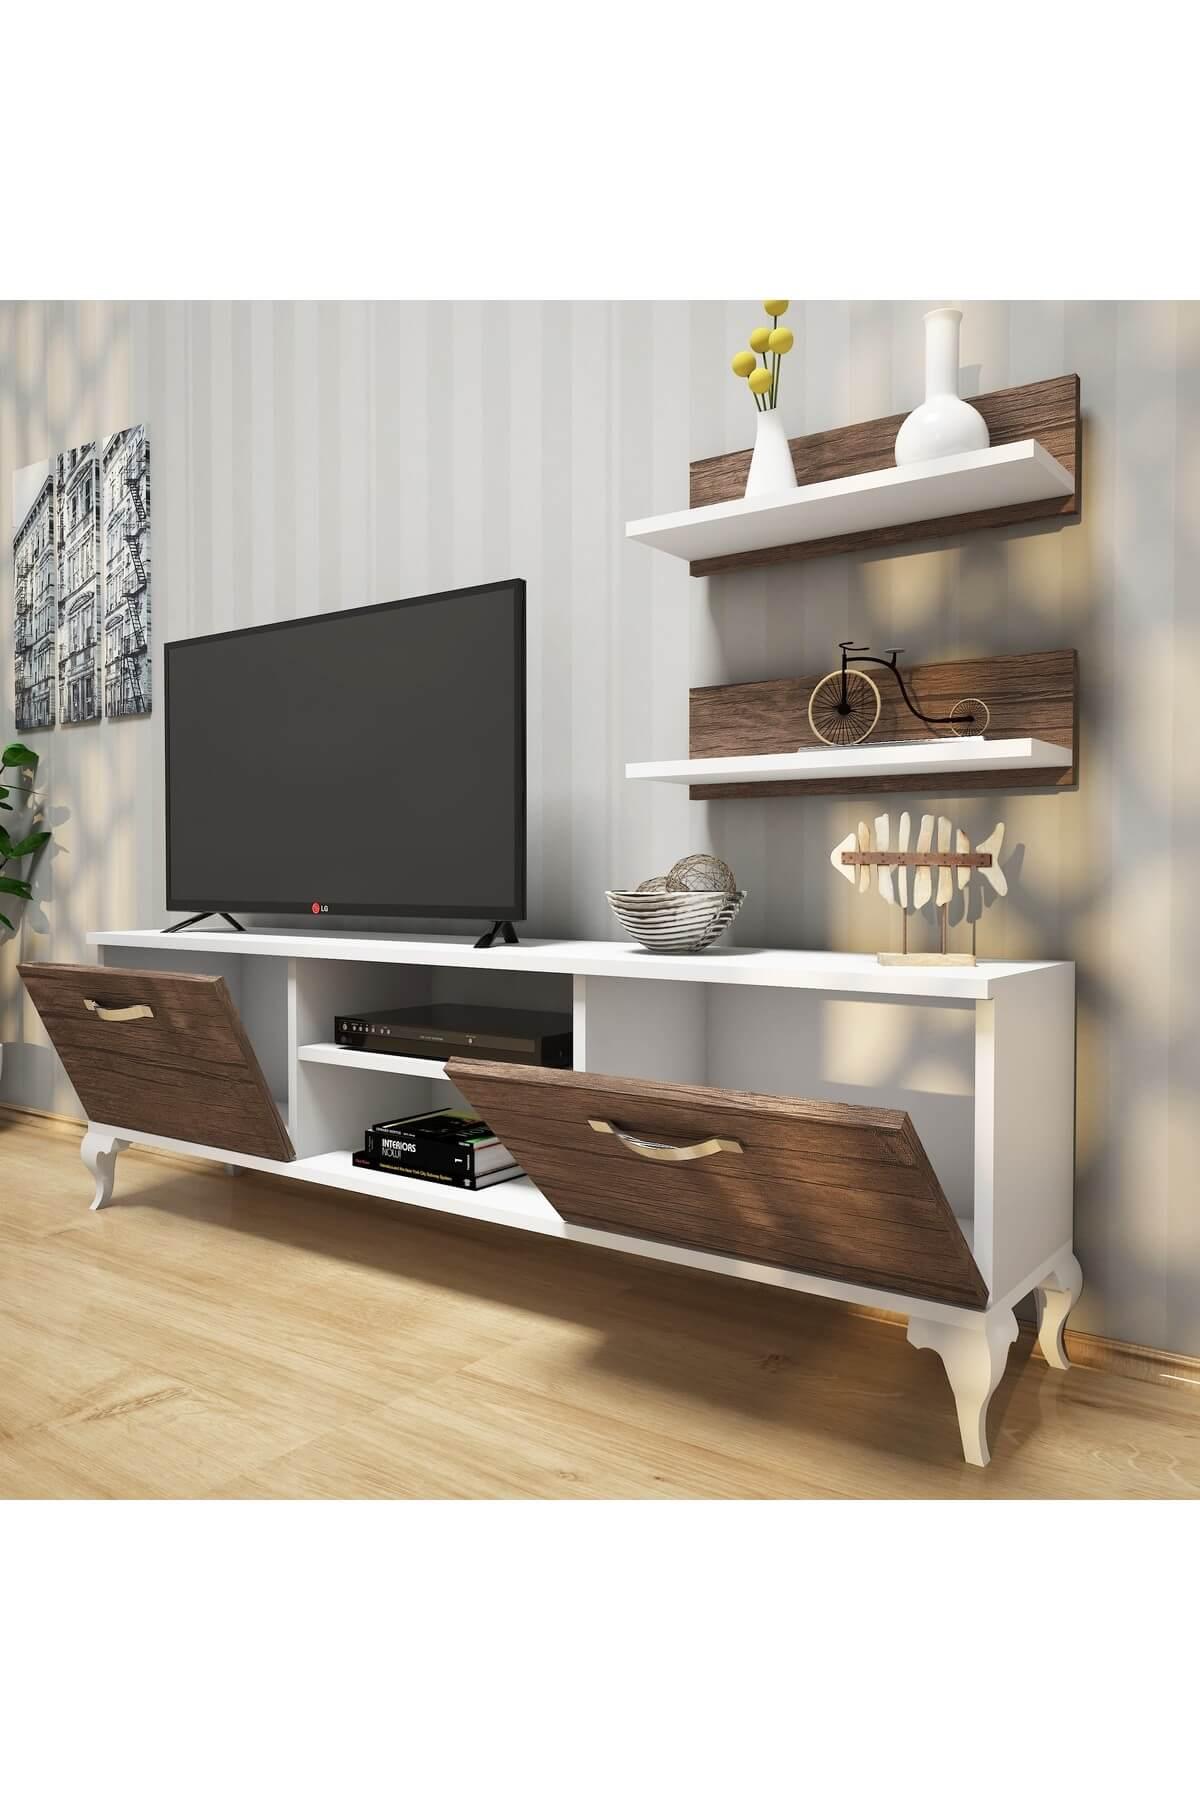 Rani Mobilya Rani A4 Duvar Raflı Tv Sehpası - Kitaplıklı Tv Ünitesi Modern Ayaklı Tasarım Beyaz Ceviz 2